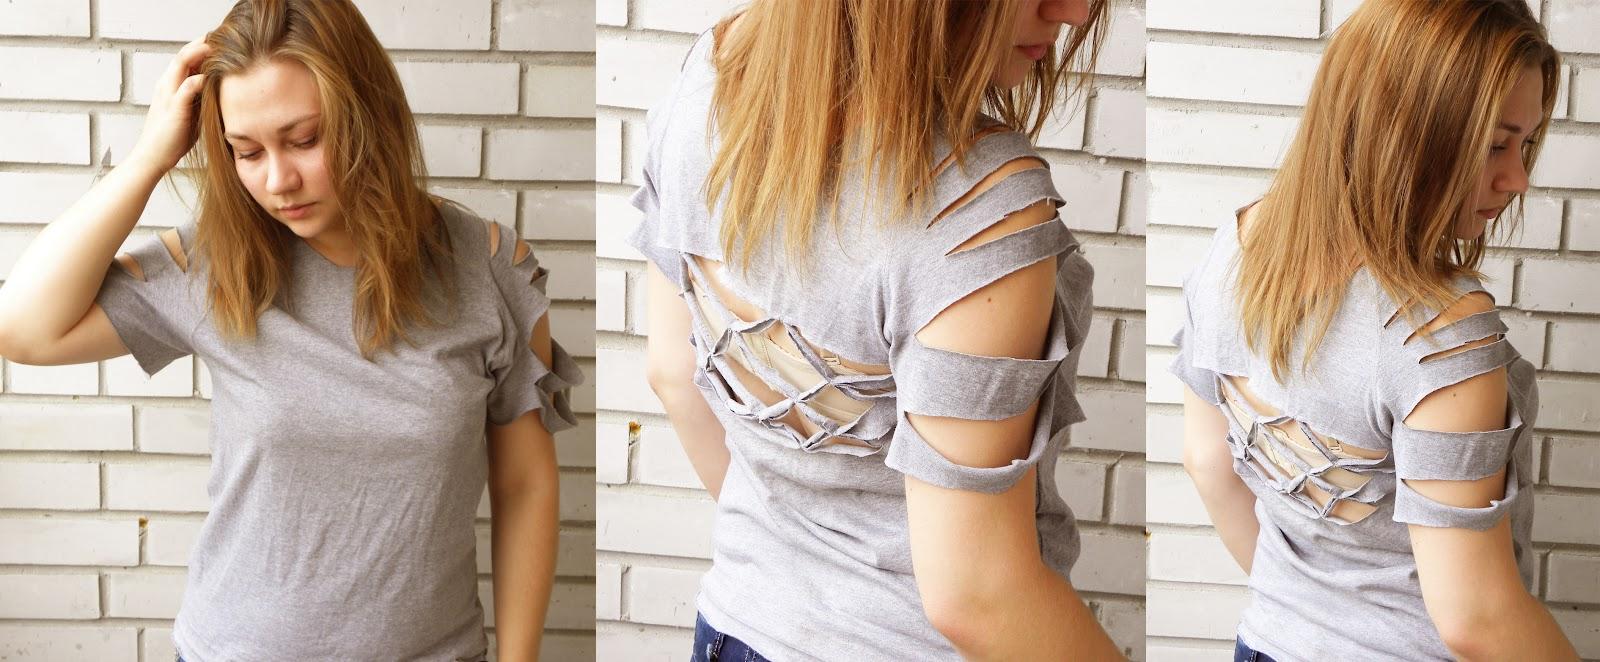 Как красиво порезать футболку своими руками 92